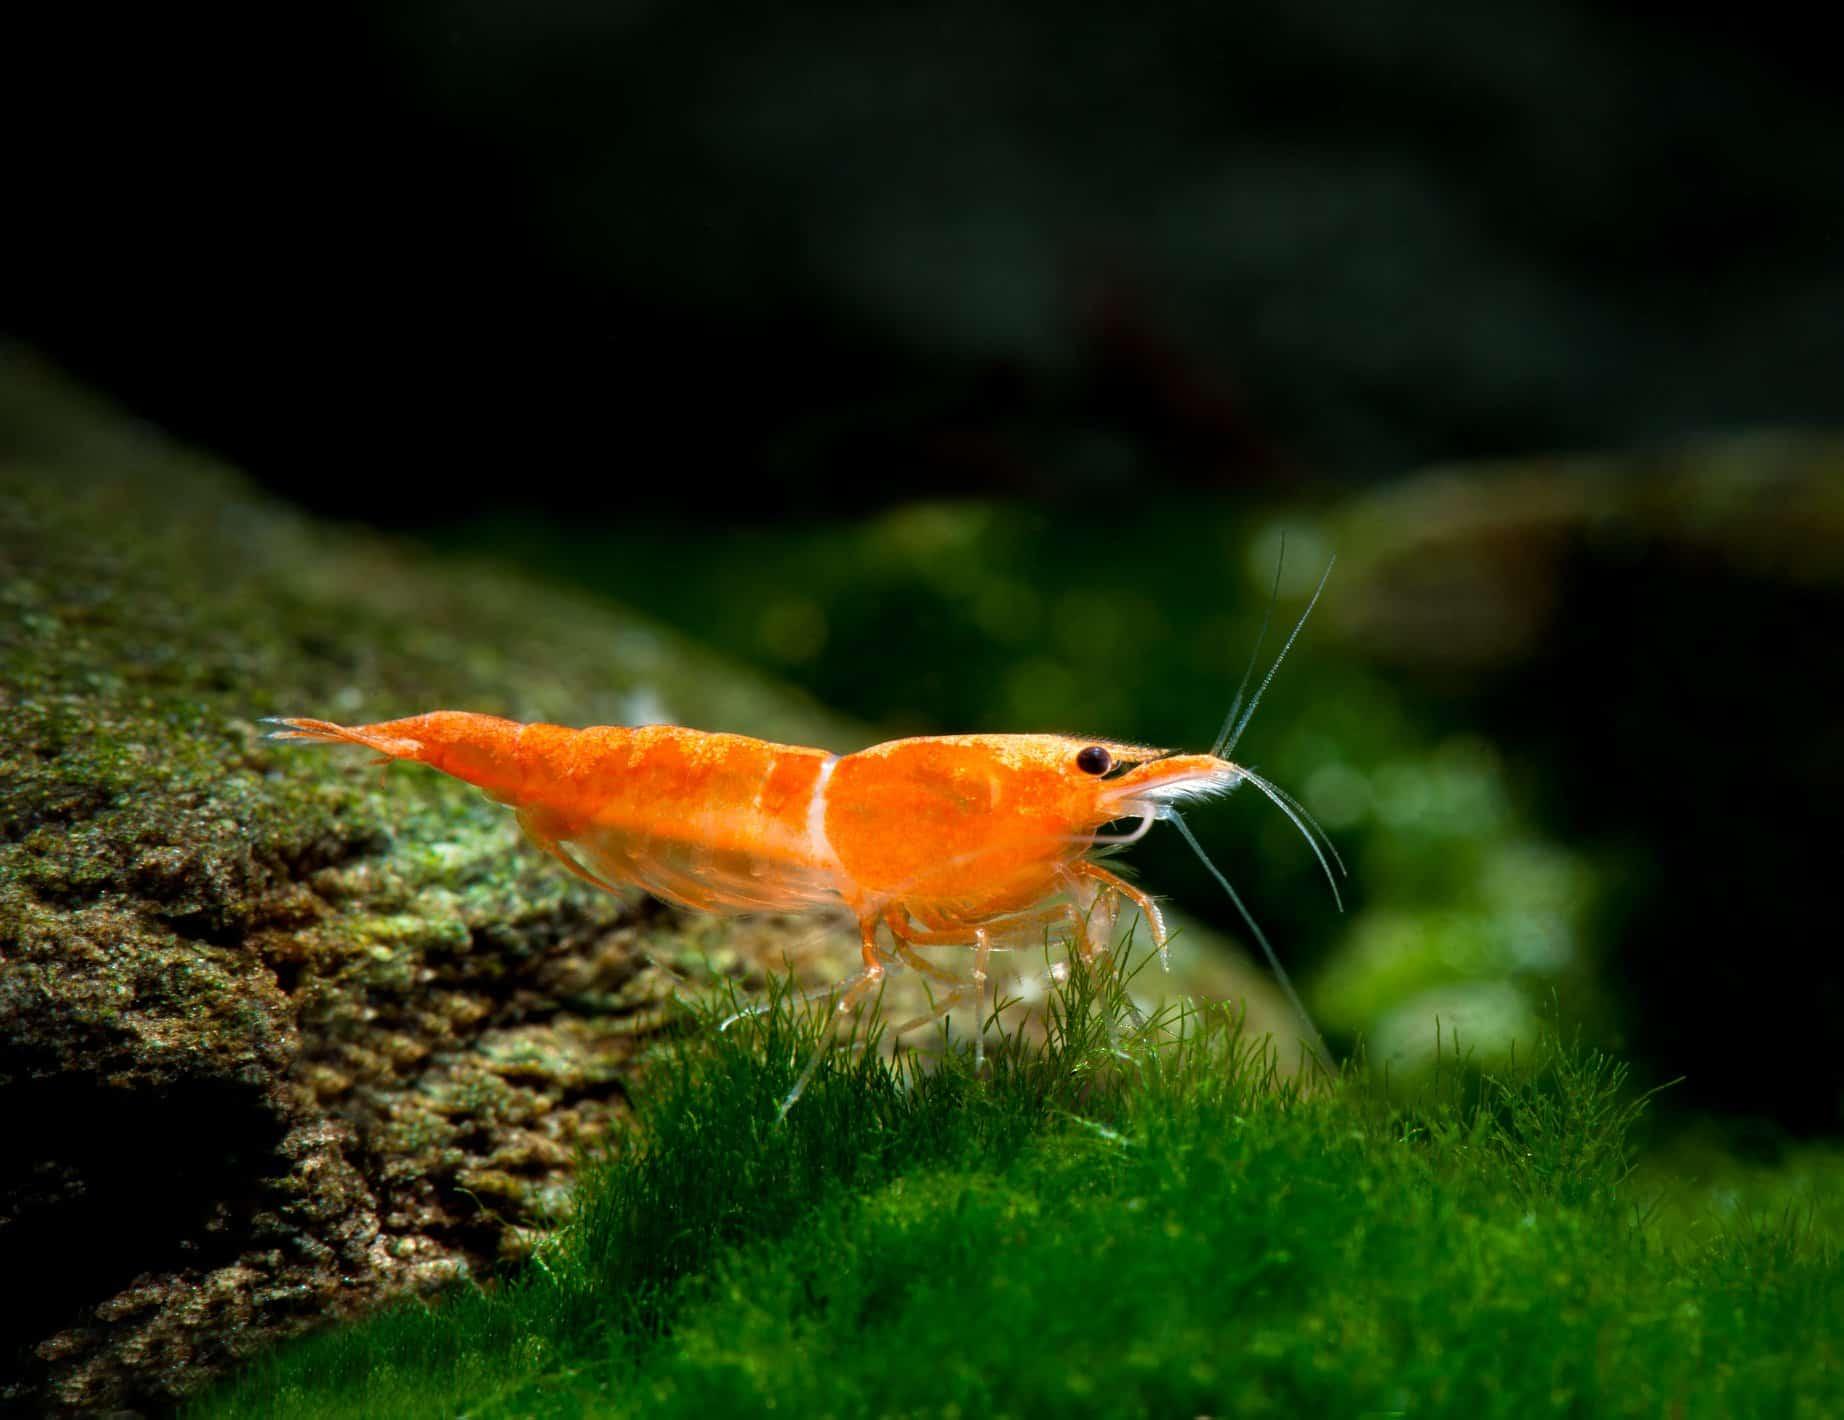 Neocaridina davidi Orange Rili